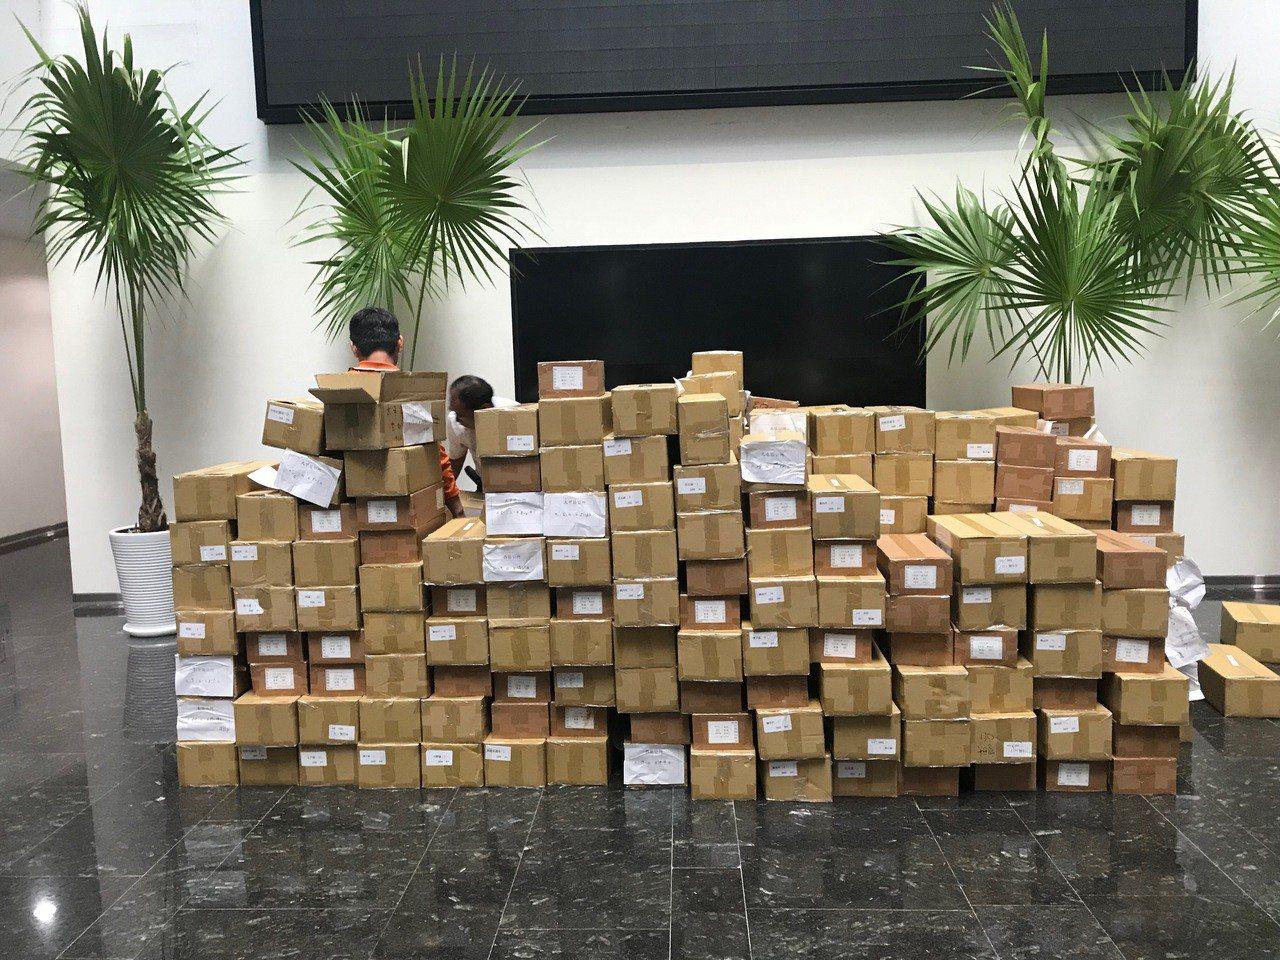 台中花博落幕後,尚未發出的144萬張花博卡在議會展示後,先收藏在交通局倉庫,等市...